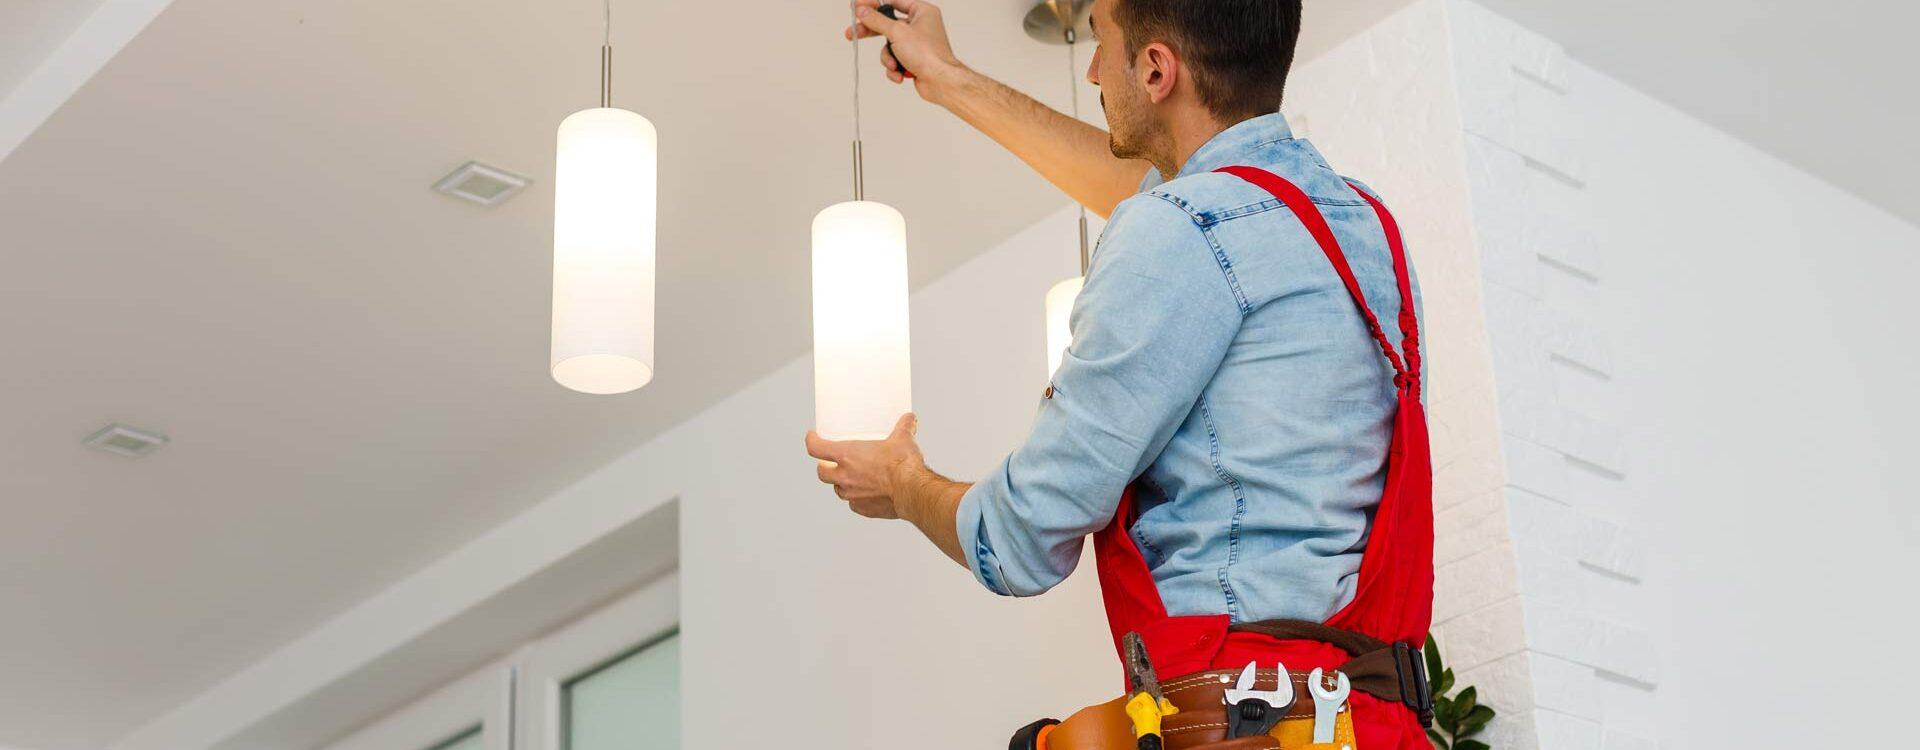 Electrian Installing Light Fixtures